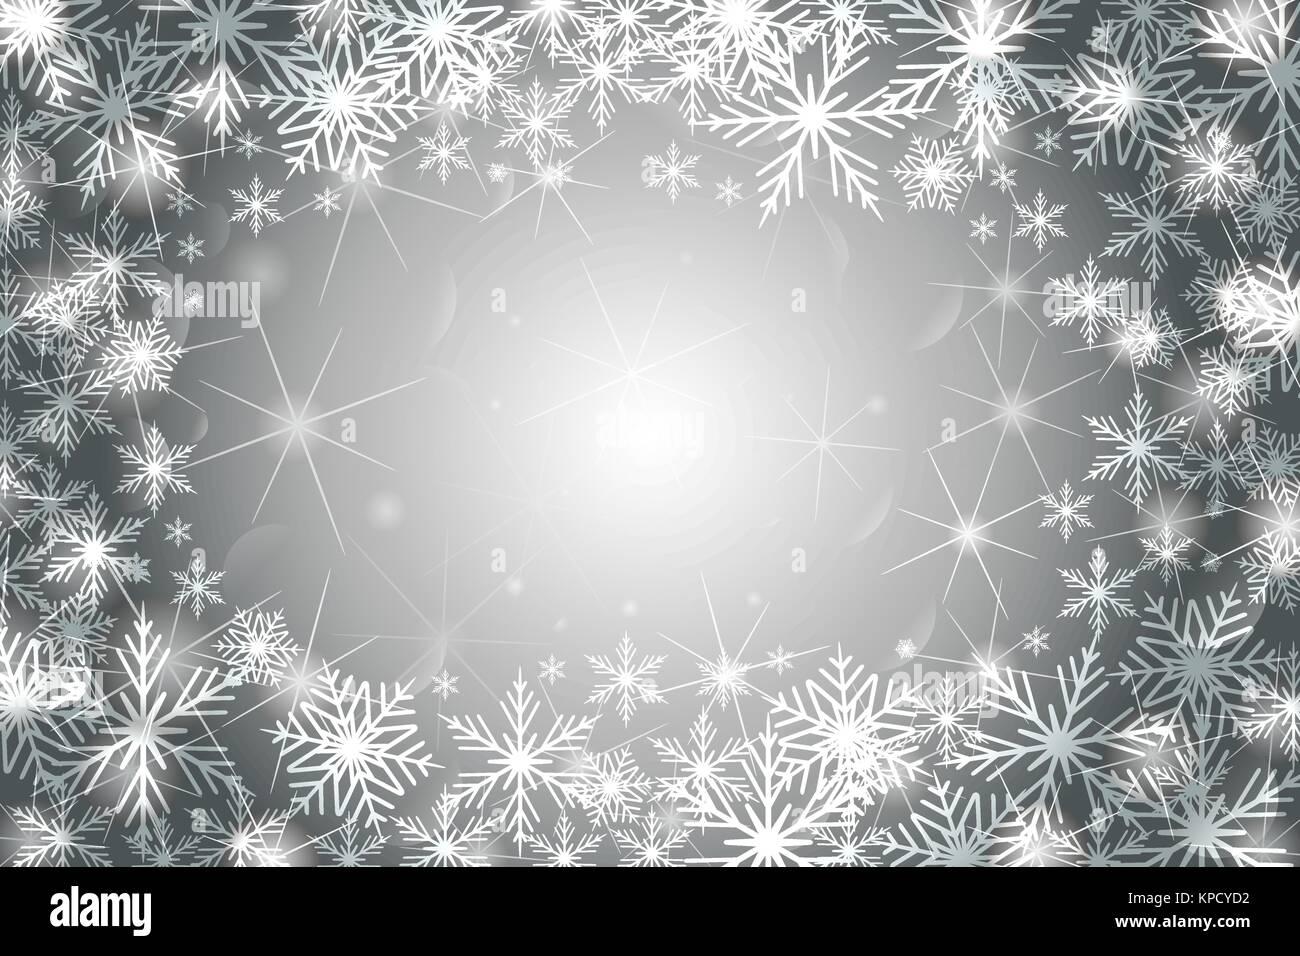 Astratto Sfondo Pallavolo Disegno Vettoriale: Inverno Disegno Vettoriale